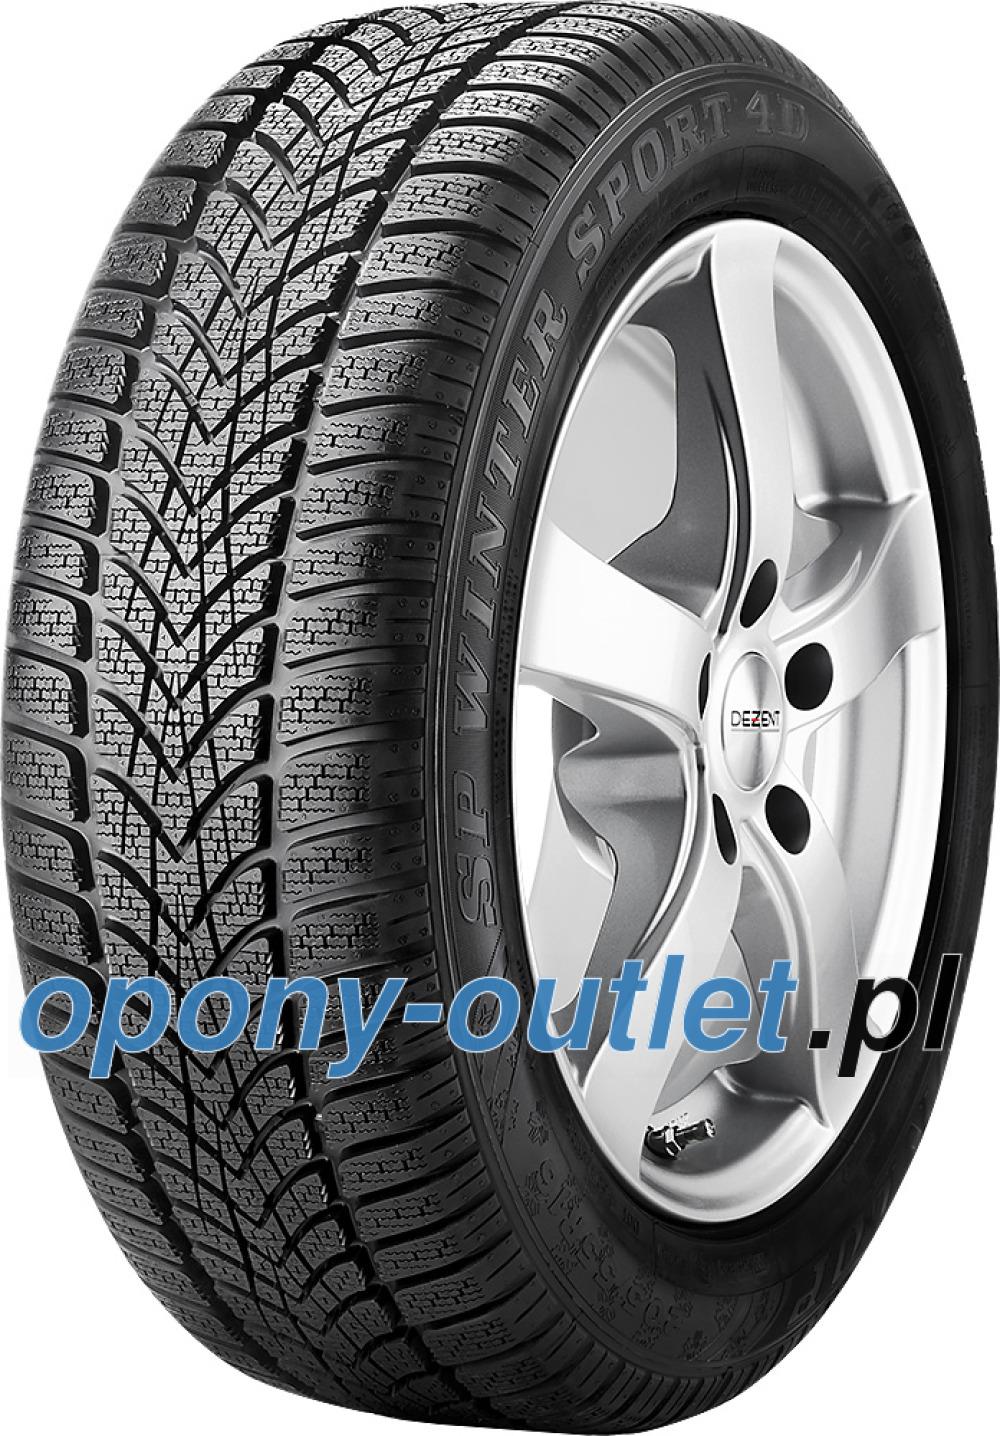 Dunlop SP Winter Sport 4D ( 195/65 R16 92H * )